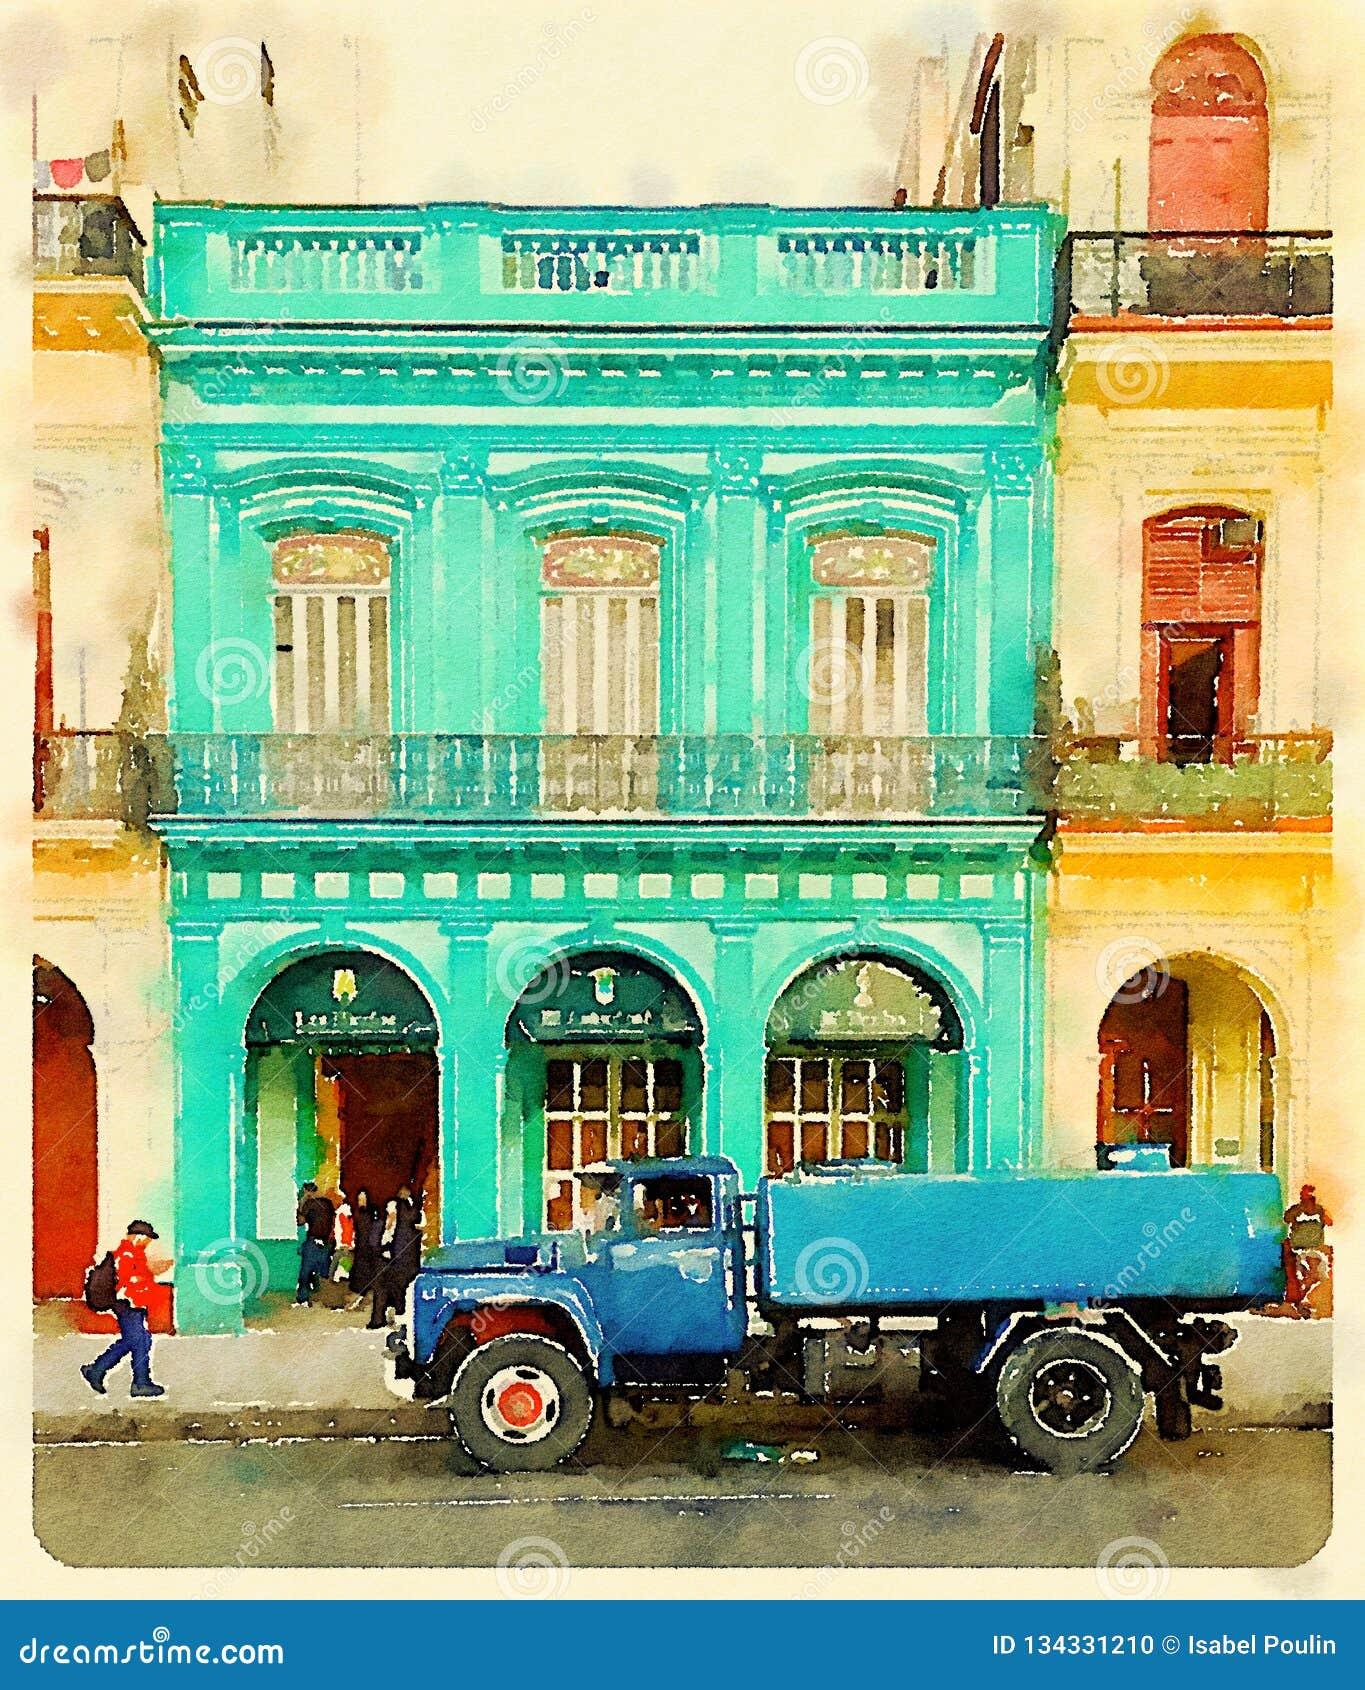 Blue water tank truck in Havana in Cuba